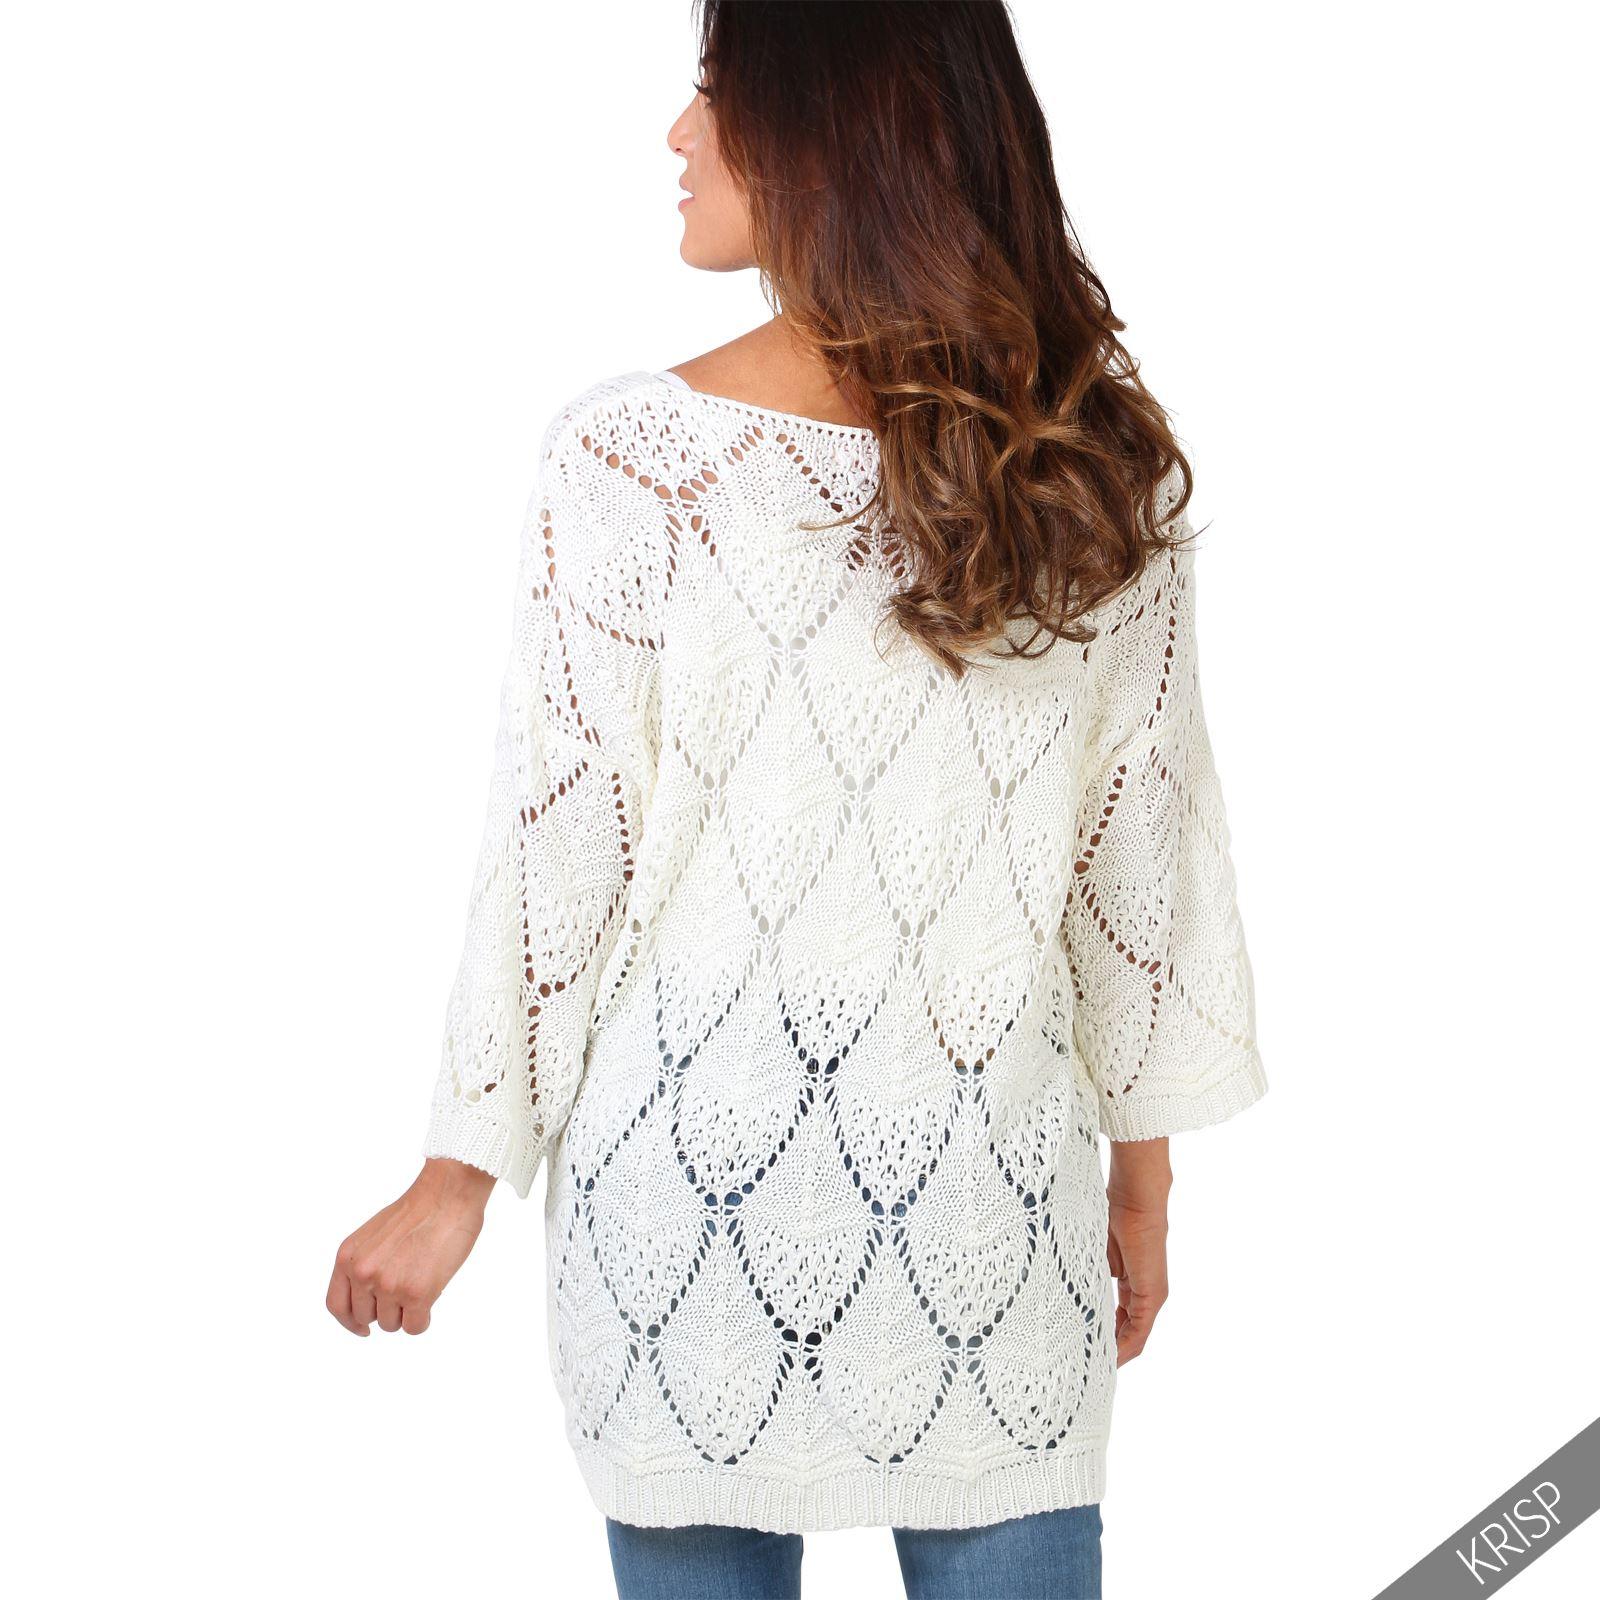 damen oversize strickpullover pullover pulli sweater lang grobmaschig plus size ebay. Black Bedroom Furniture Sets. Home Design Ideas